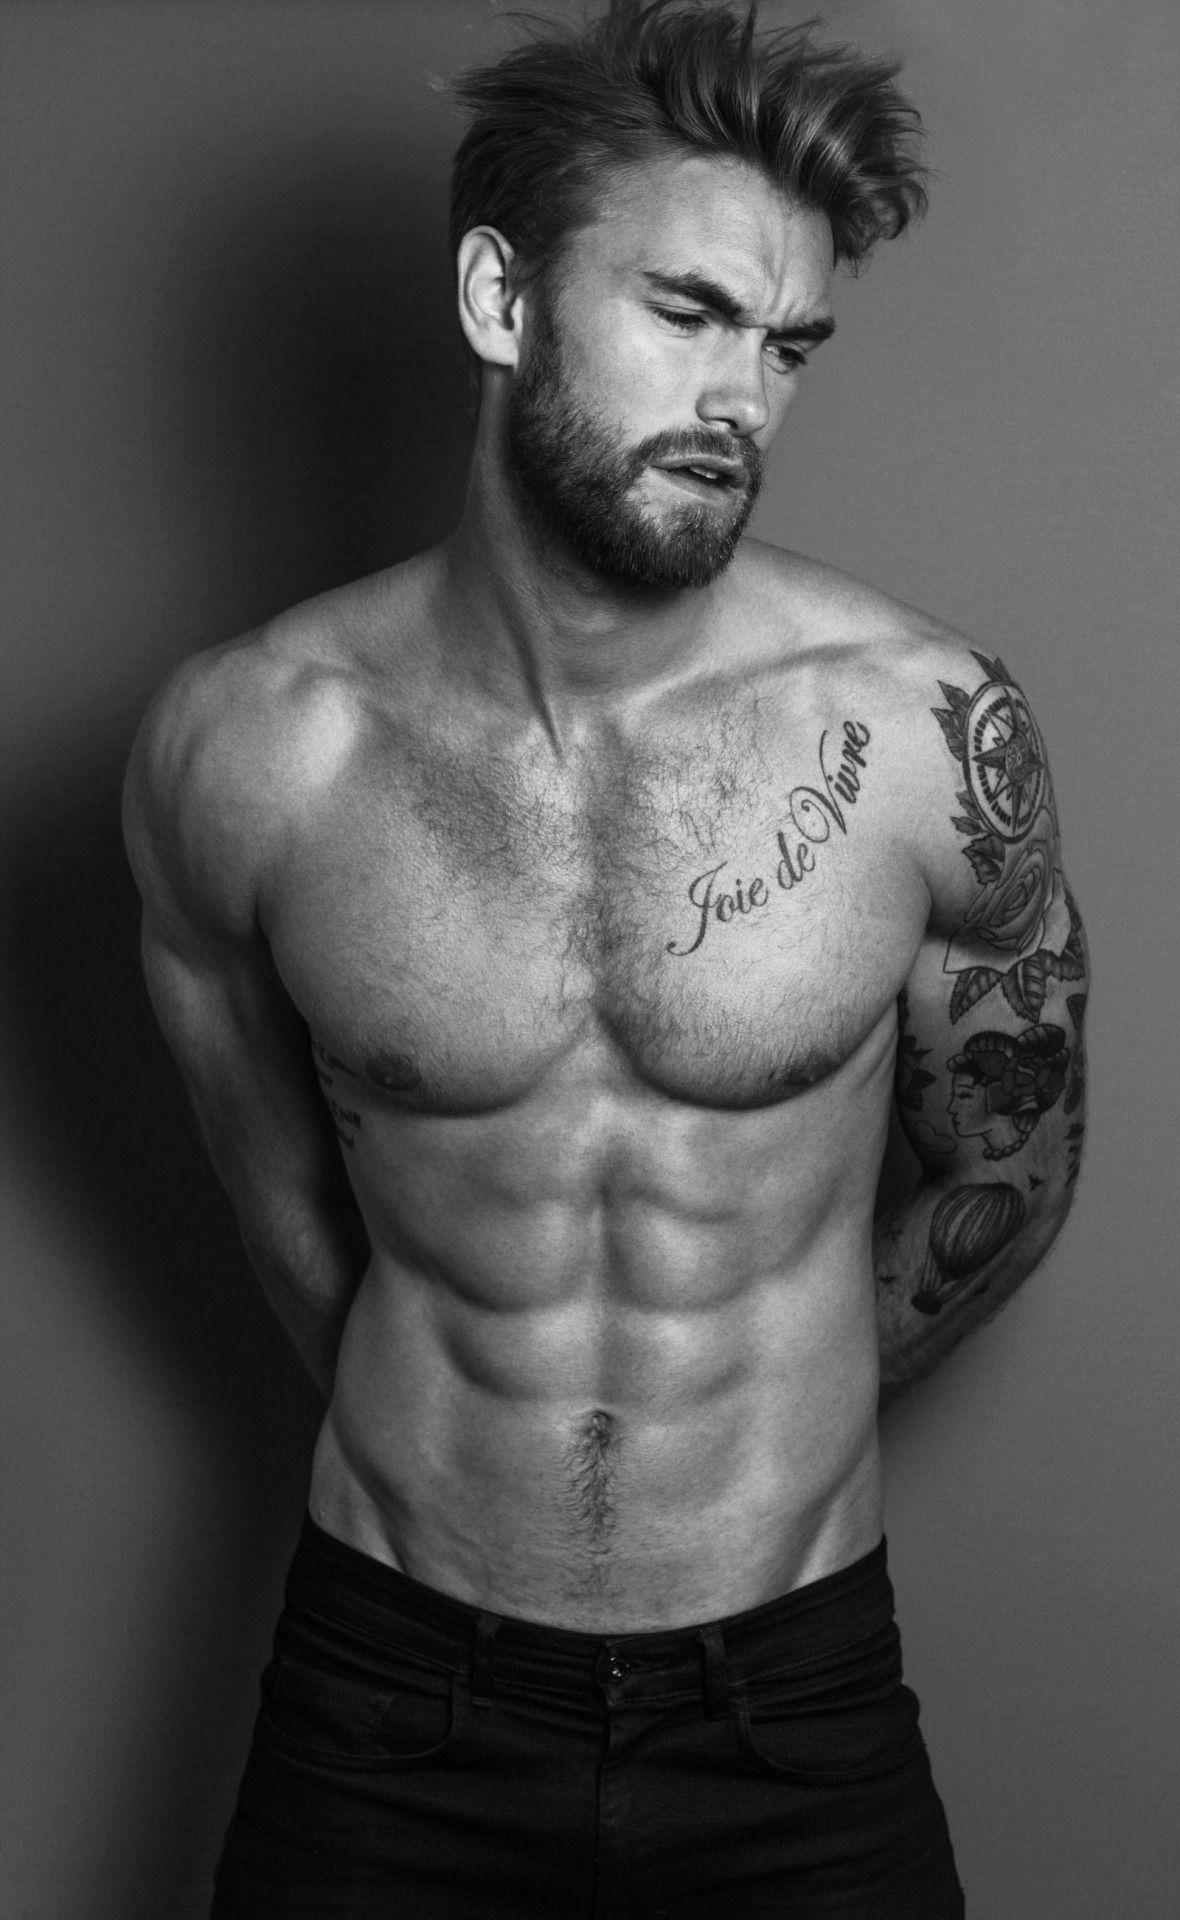 Carpe Diem Tattoo Male : carpe, tattoo, Tattoo, Project